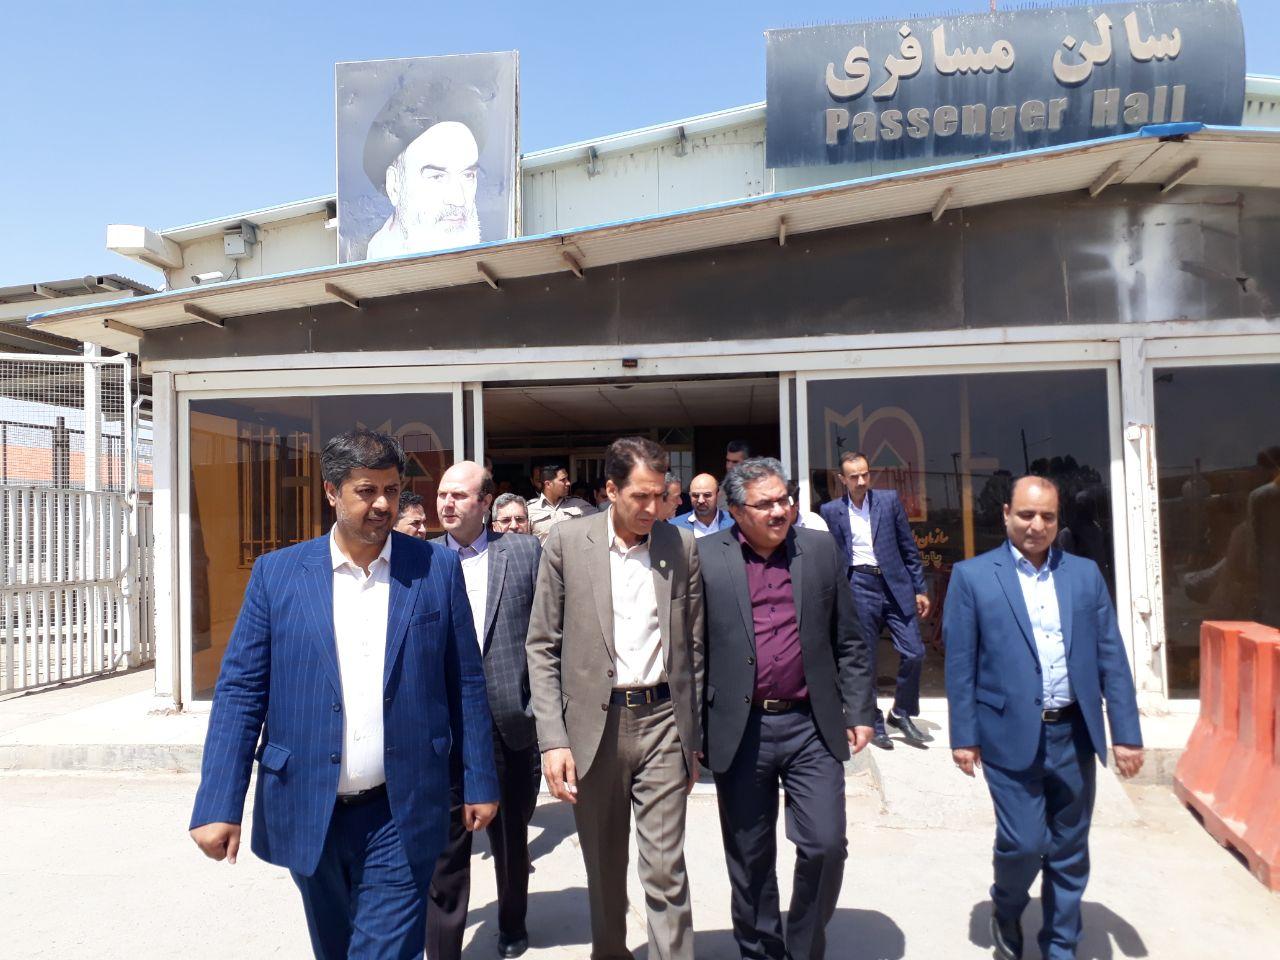 گمرک دوغارون ،دروازه طلایی ایران با کشورهای آسیای میانه